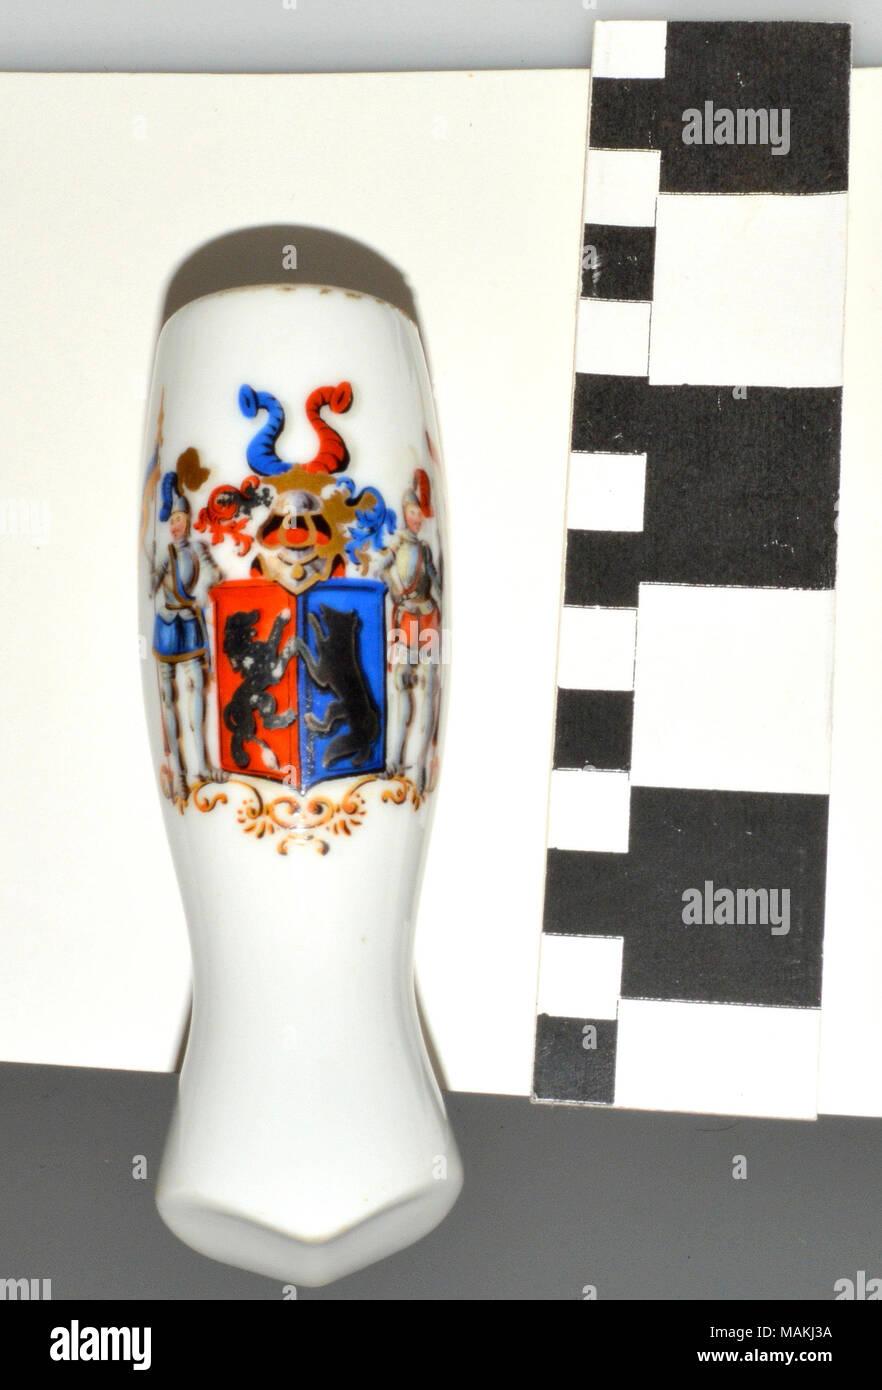 Blanco tubo de cerámica vidriada Starkloff tazón con el escudo de armas. Utilizado por el Barón Karl von Starkloff en Alemania y transmitido a través de la familia Starkloff. Título: Tubo de cerámica alemán Barón Karl von Starkloff . circa 1809. Foto de stock